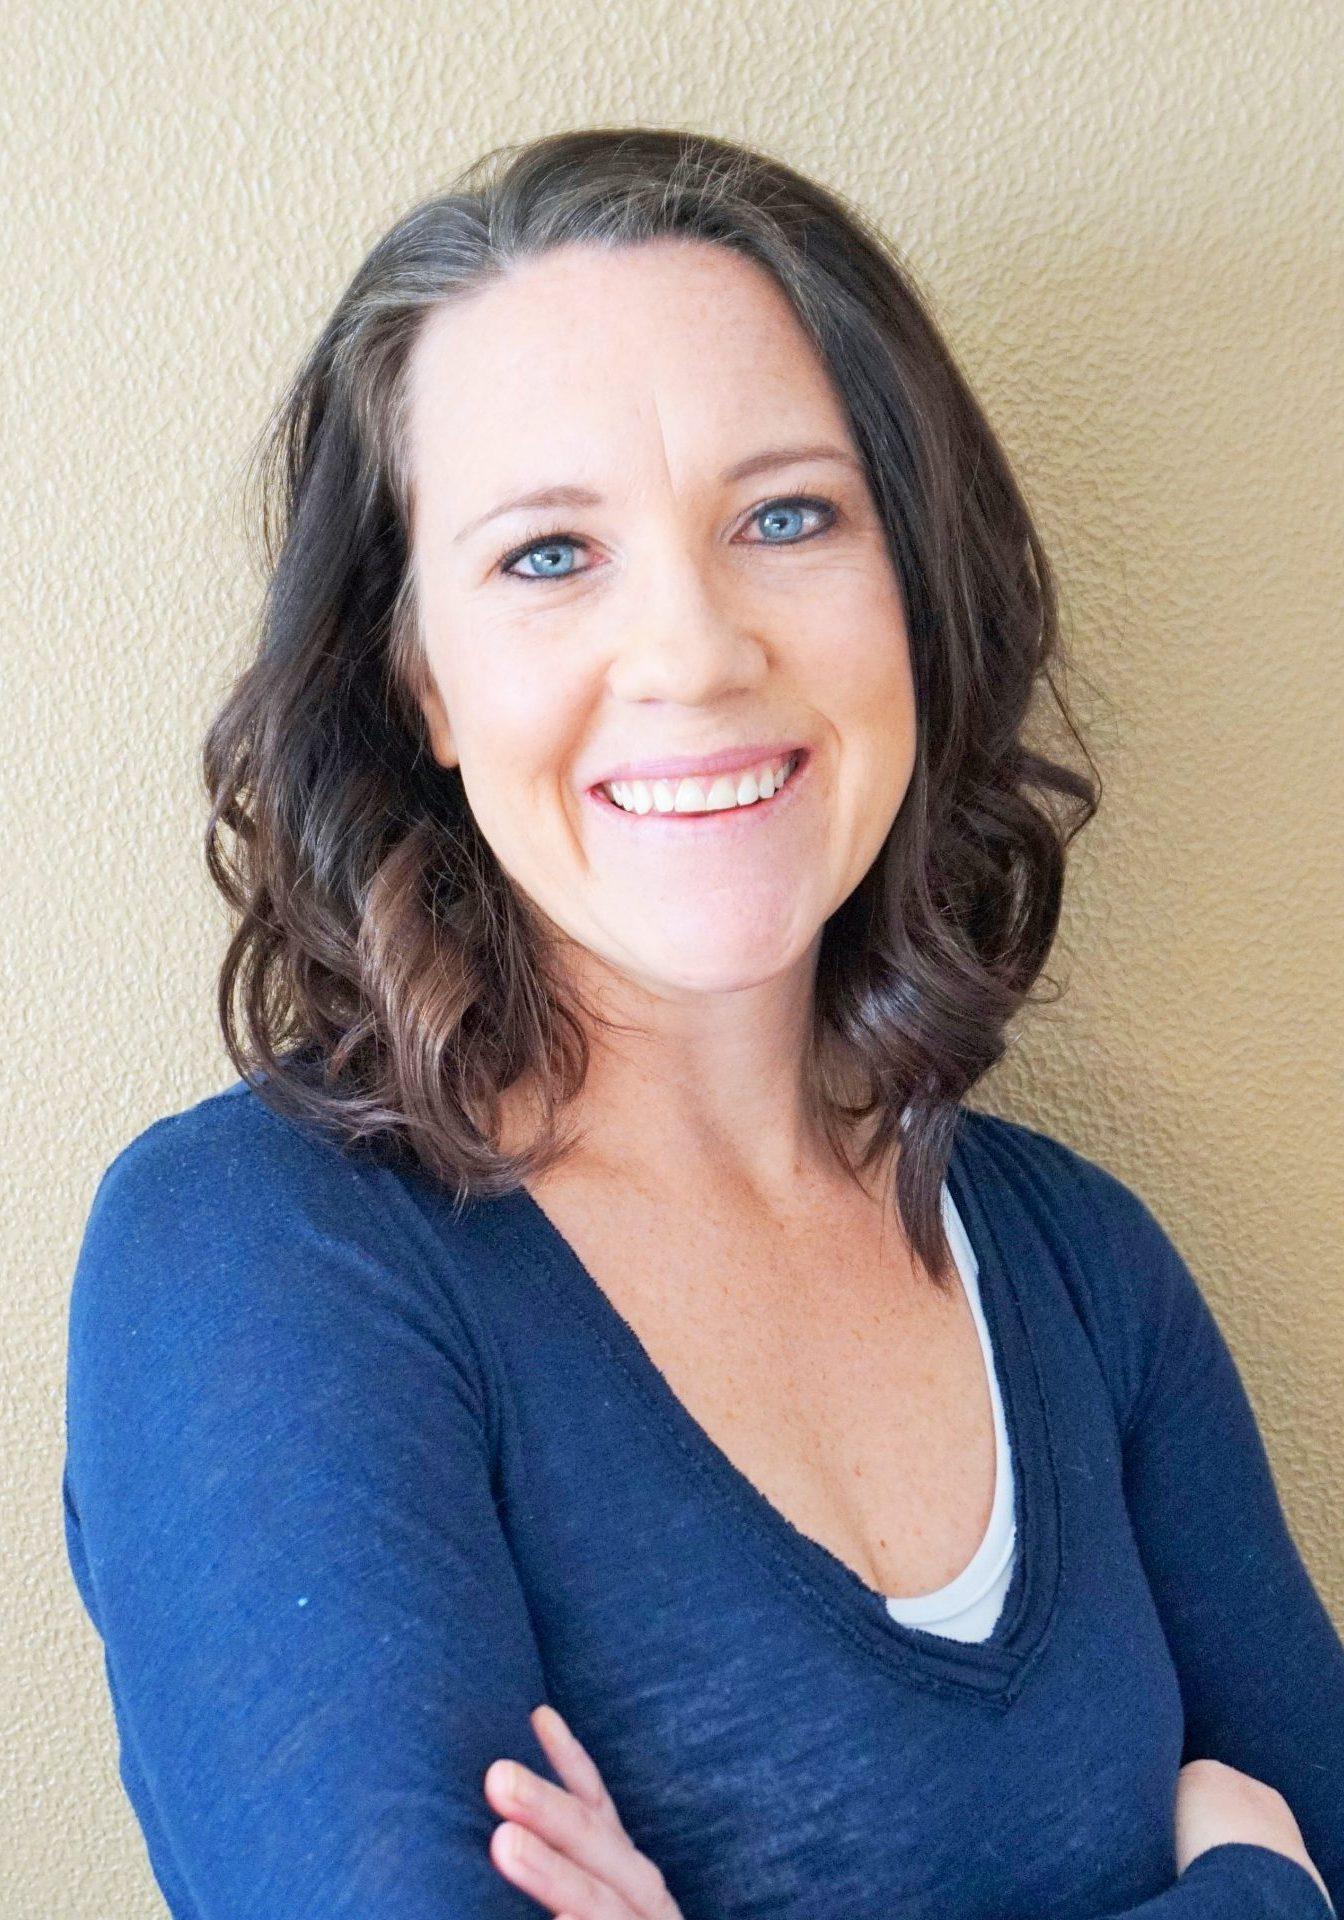 Katelyn Banman